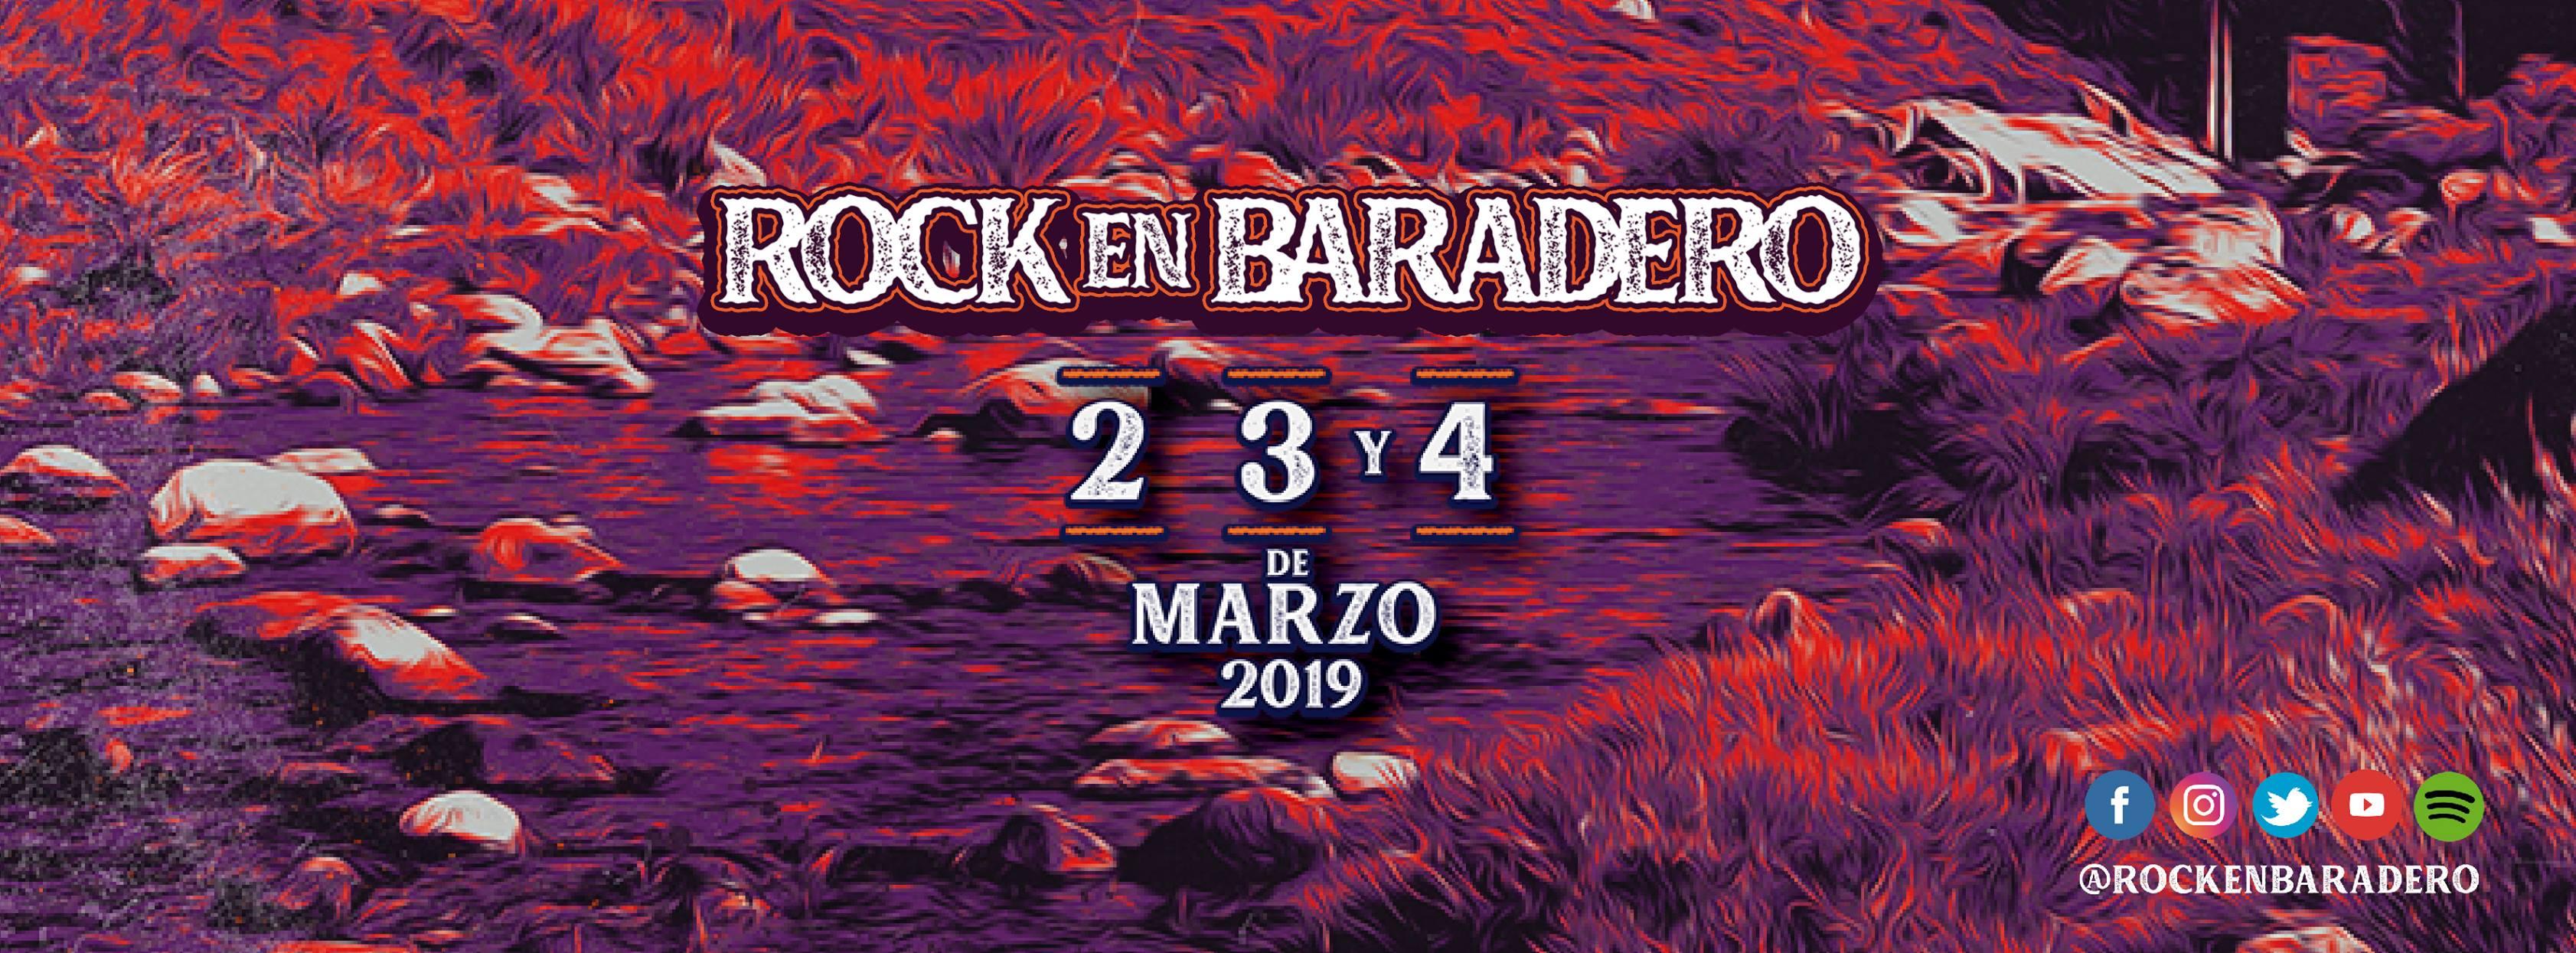 """¡Juga a la trivia y gana un pase para """"Rock en Baradero""""! - Radio Cantilo"""